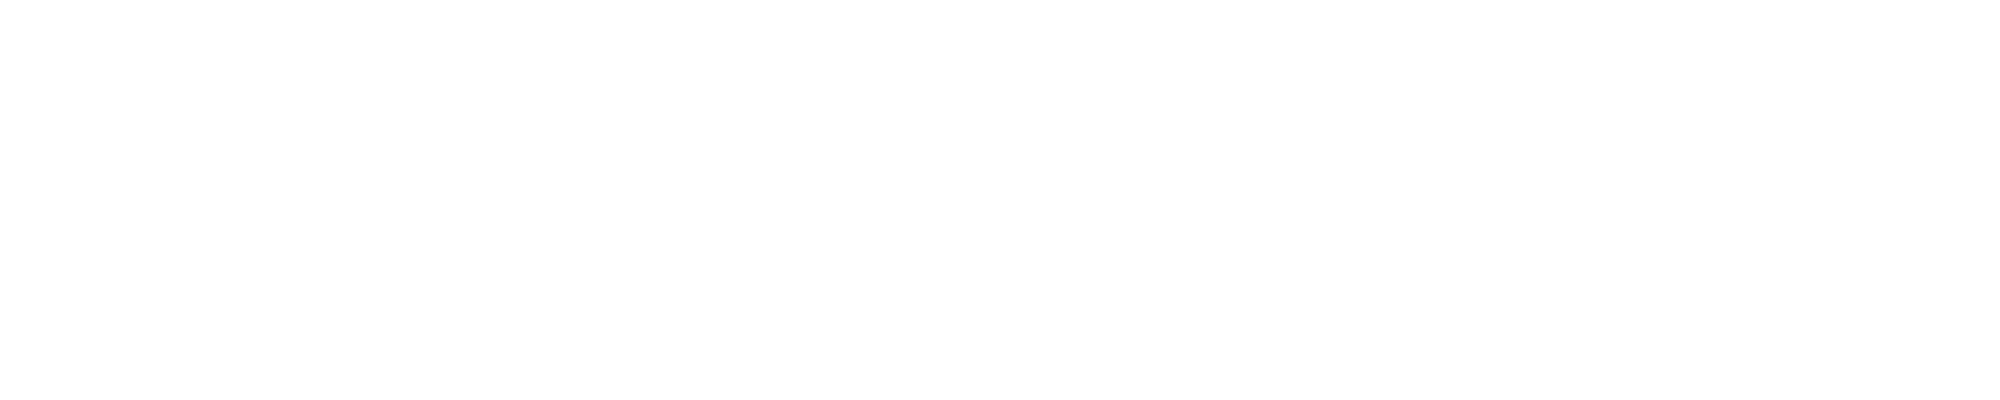 명조Neo1